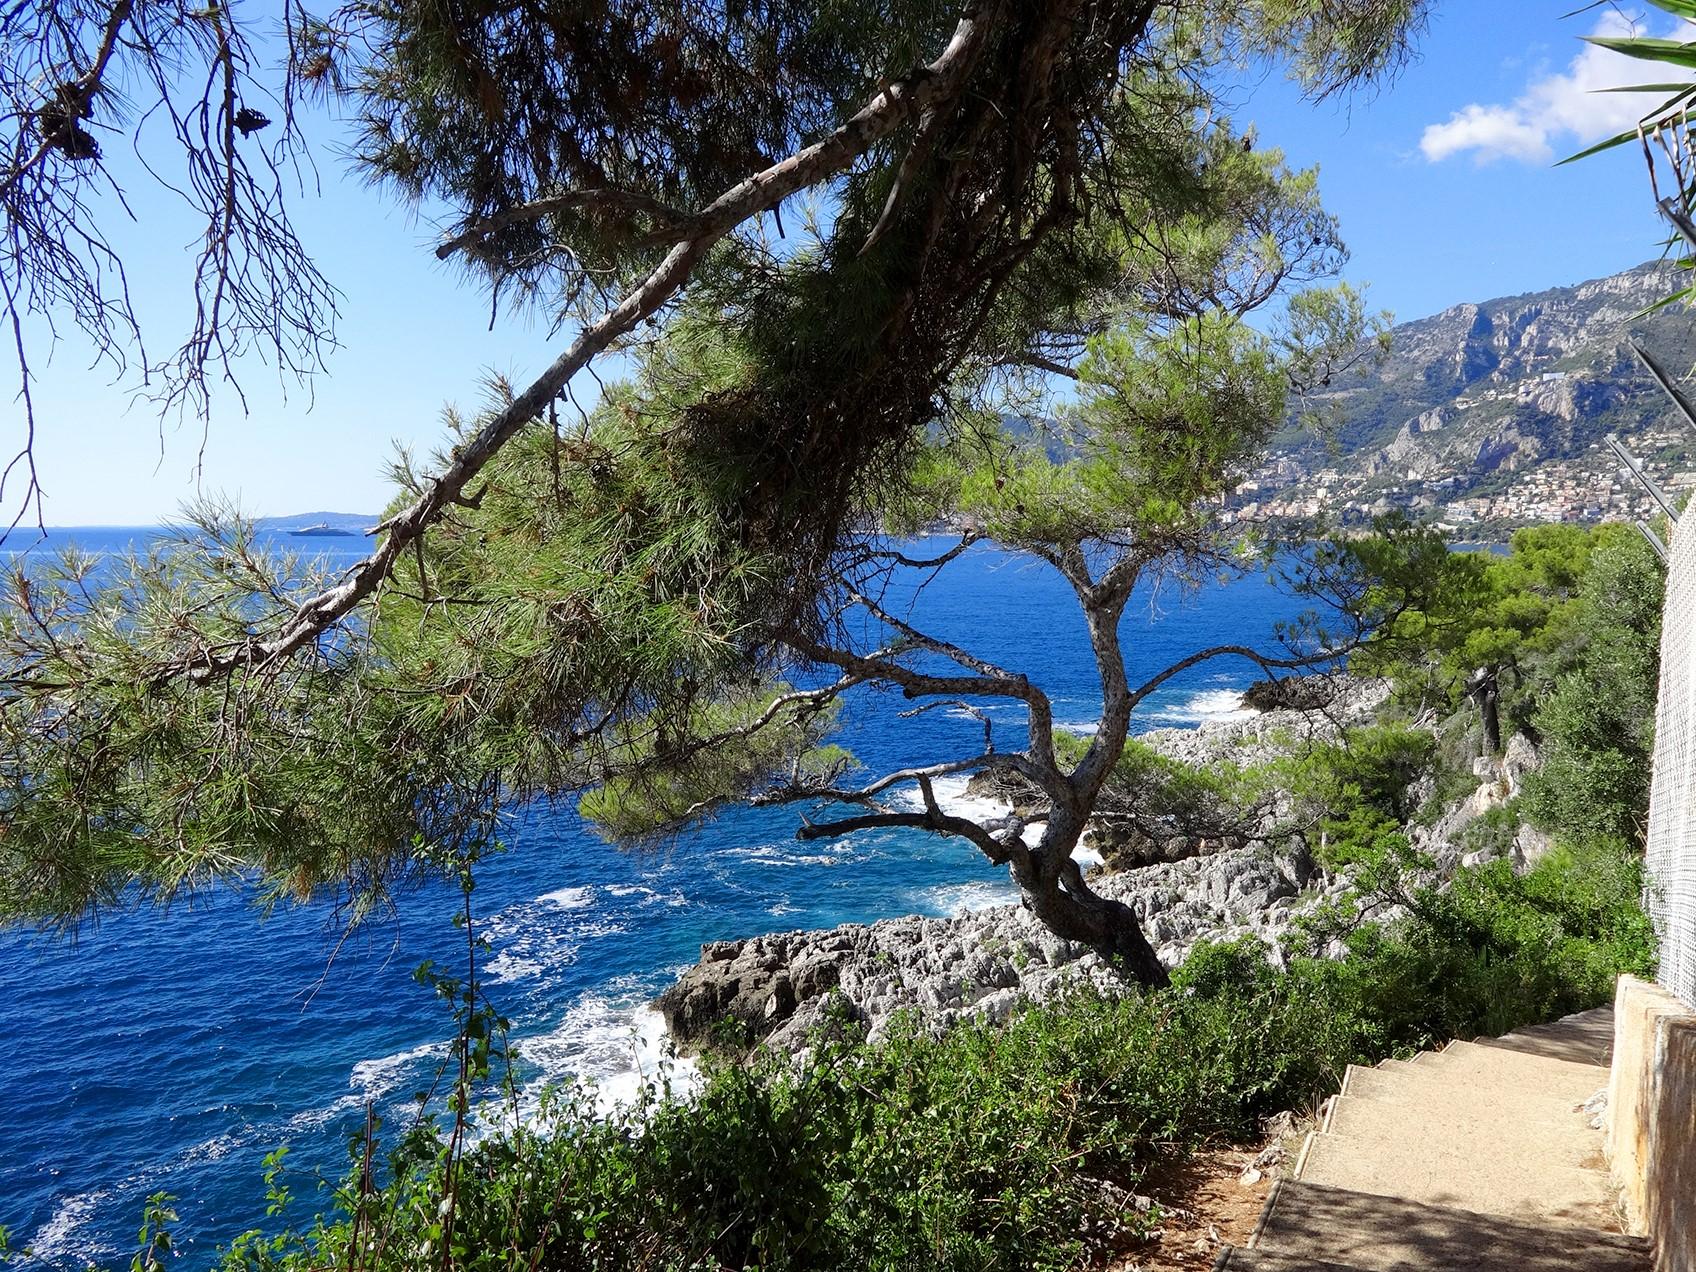 Je kunt een prachtige wandeling maken langs de grillige kust van Cap Martin